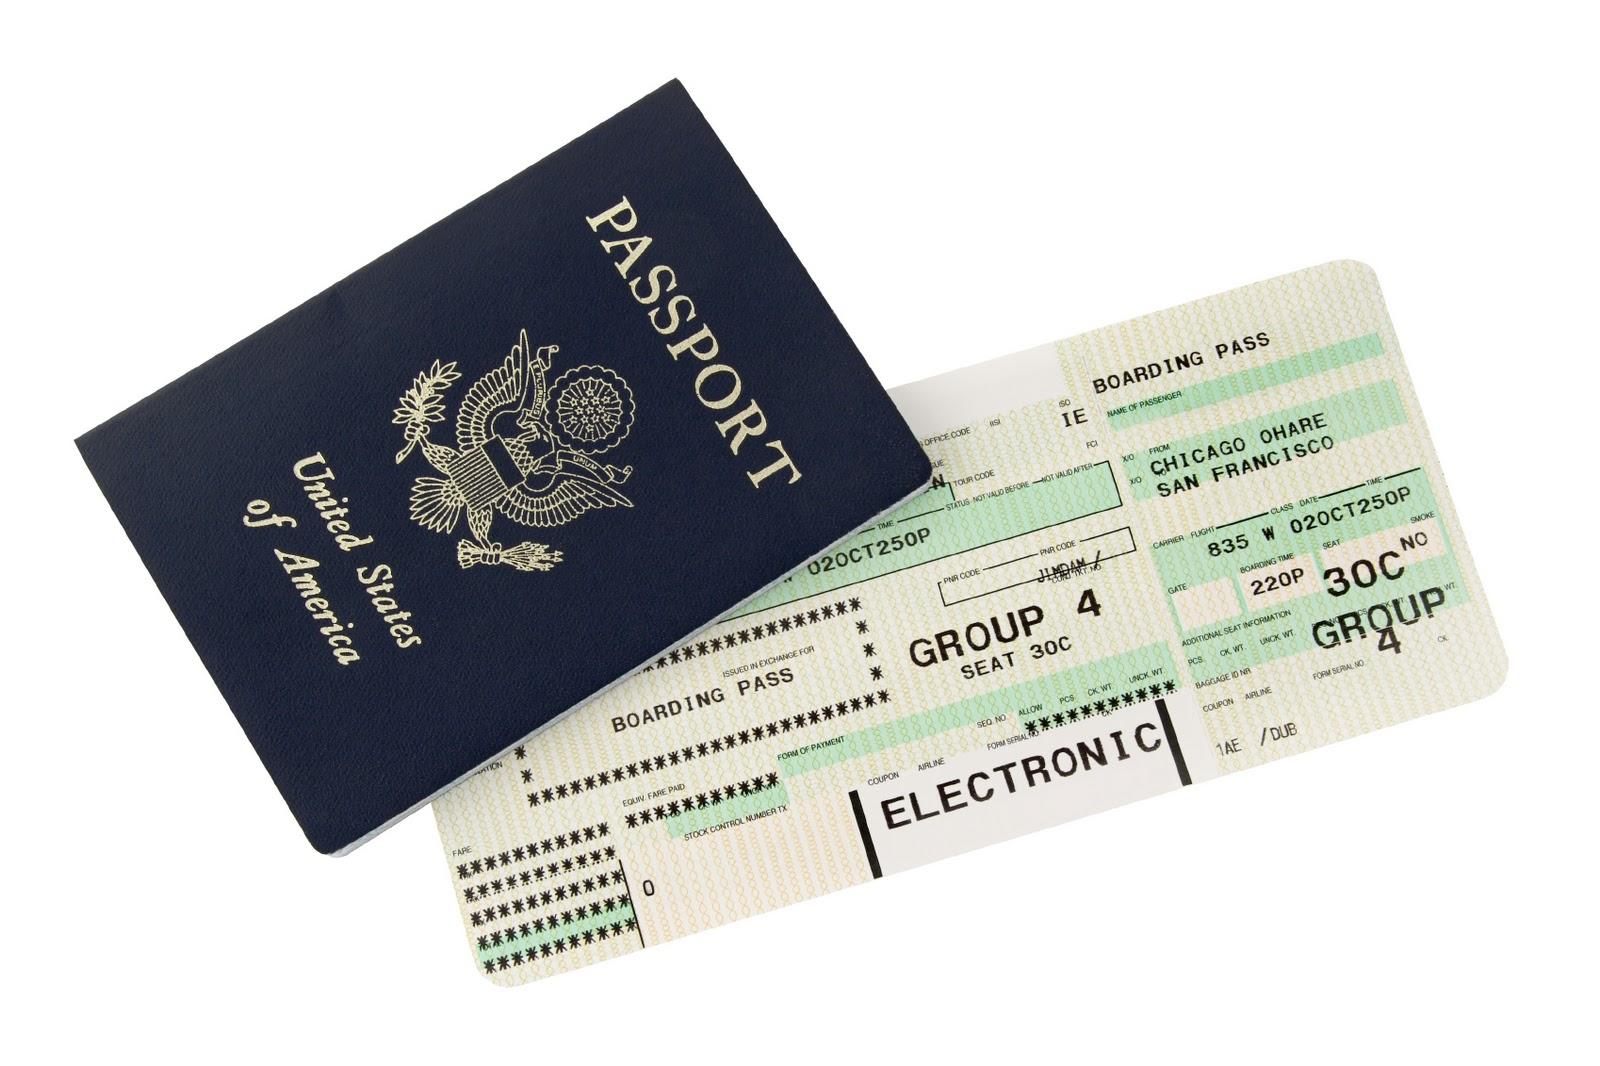 How To Get A Brazil Visa Tgw Travel Group Passport & Boarding Pass Boarding  Pass Checker